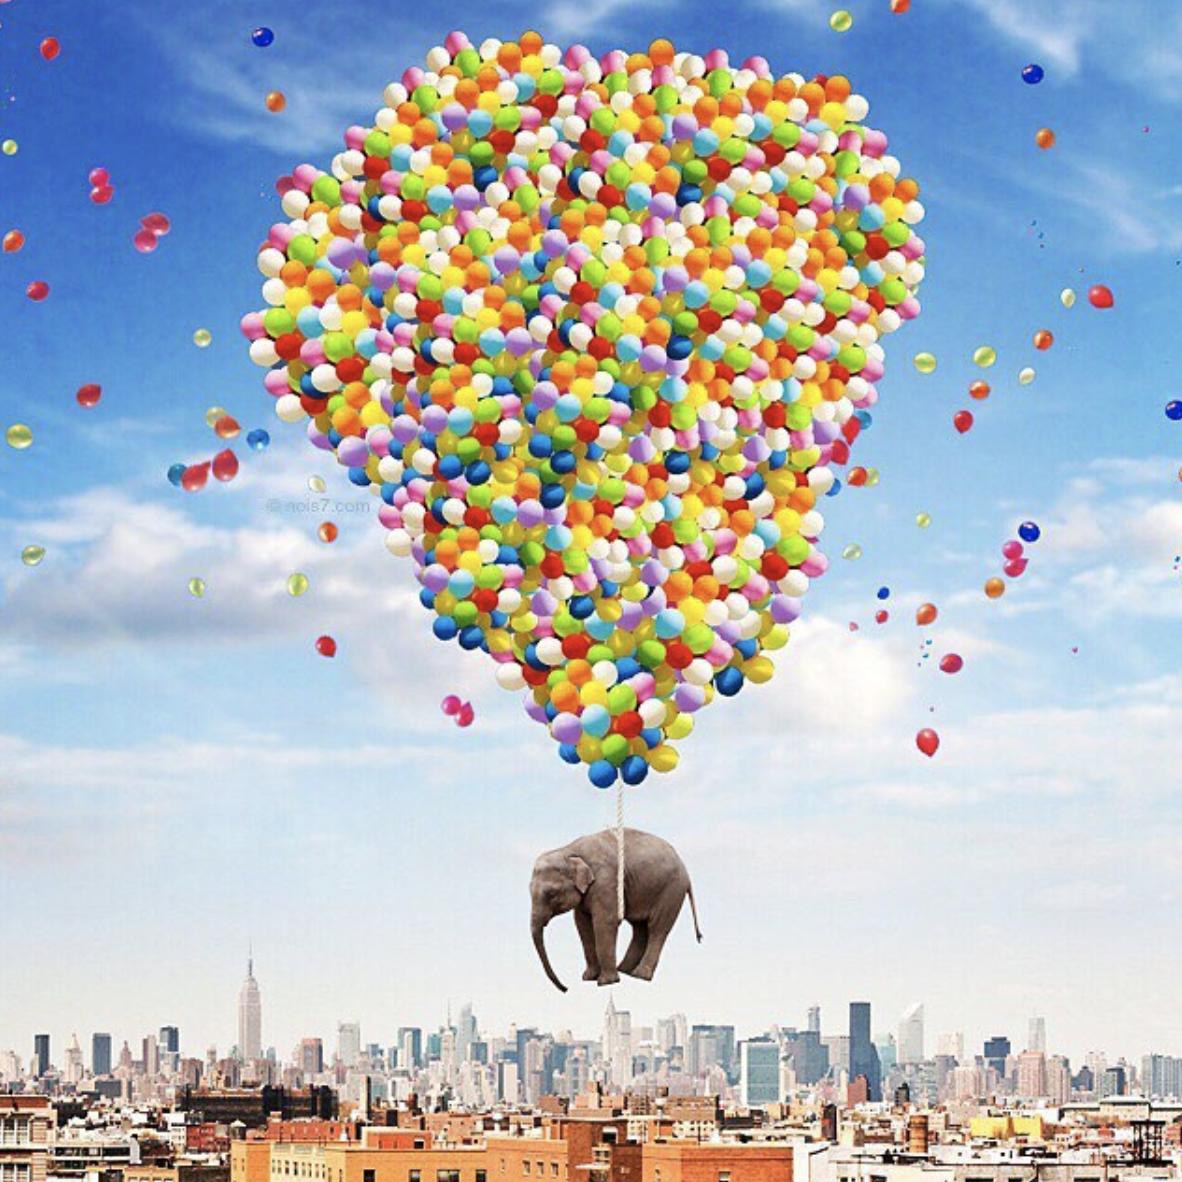 1 Nois7 Helium Balloon Photo Overlays - FilterGrade